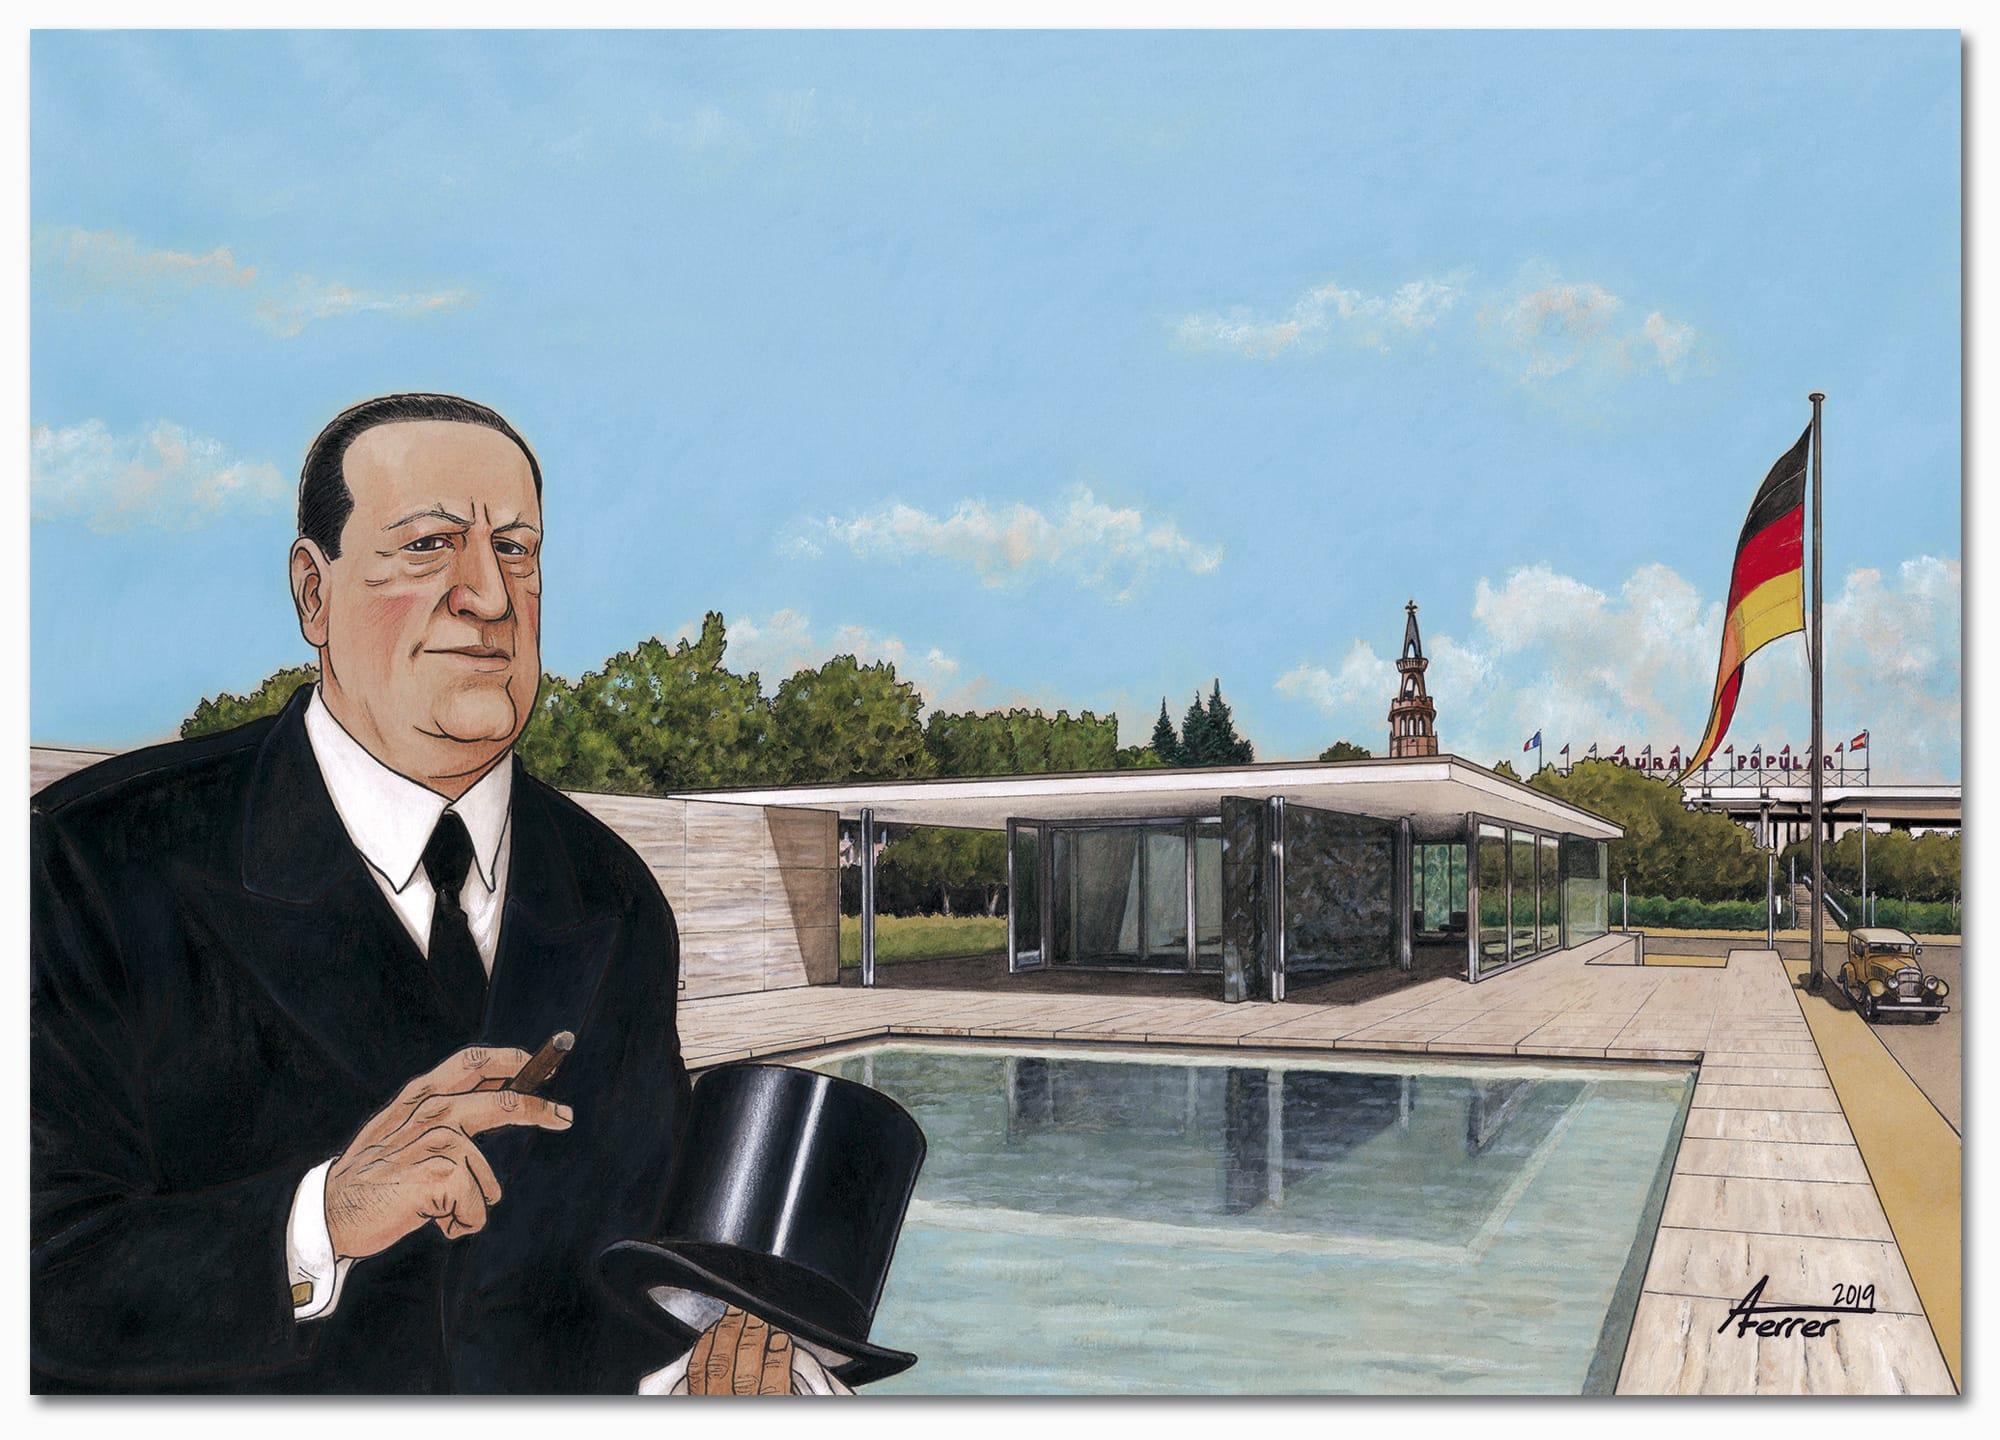 Mies van der Rohe en el Pabellón de Alemania, en la Exposición Universal de Barcelona de 1929